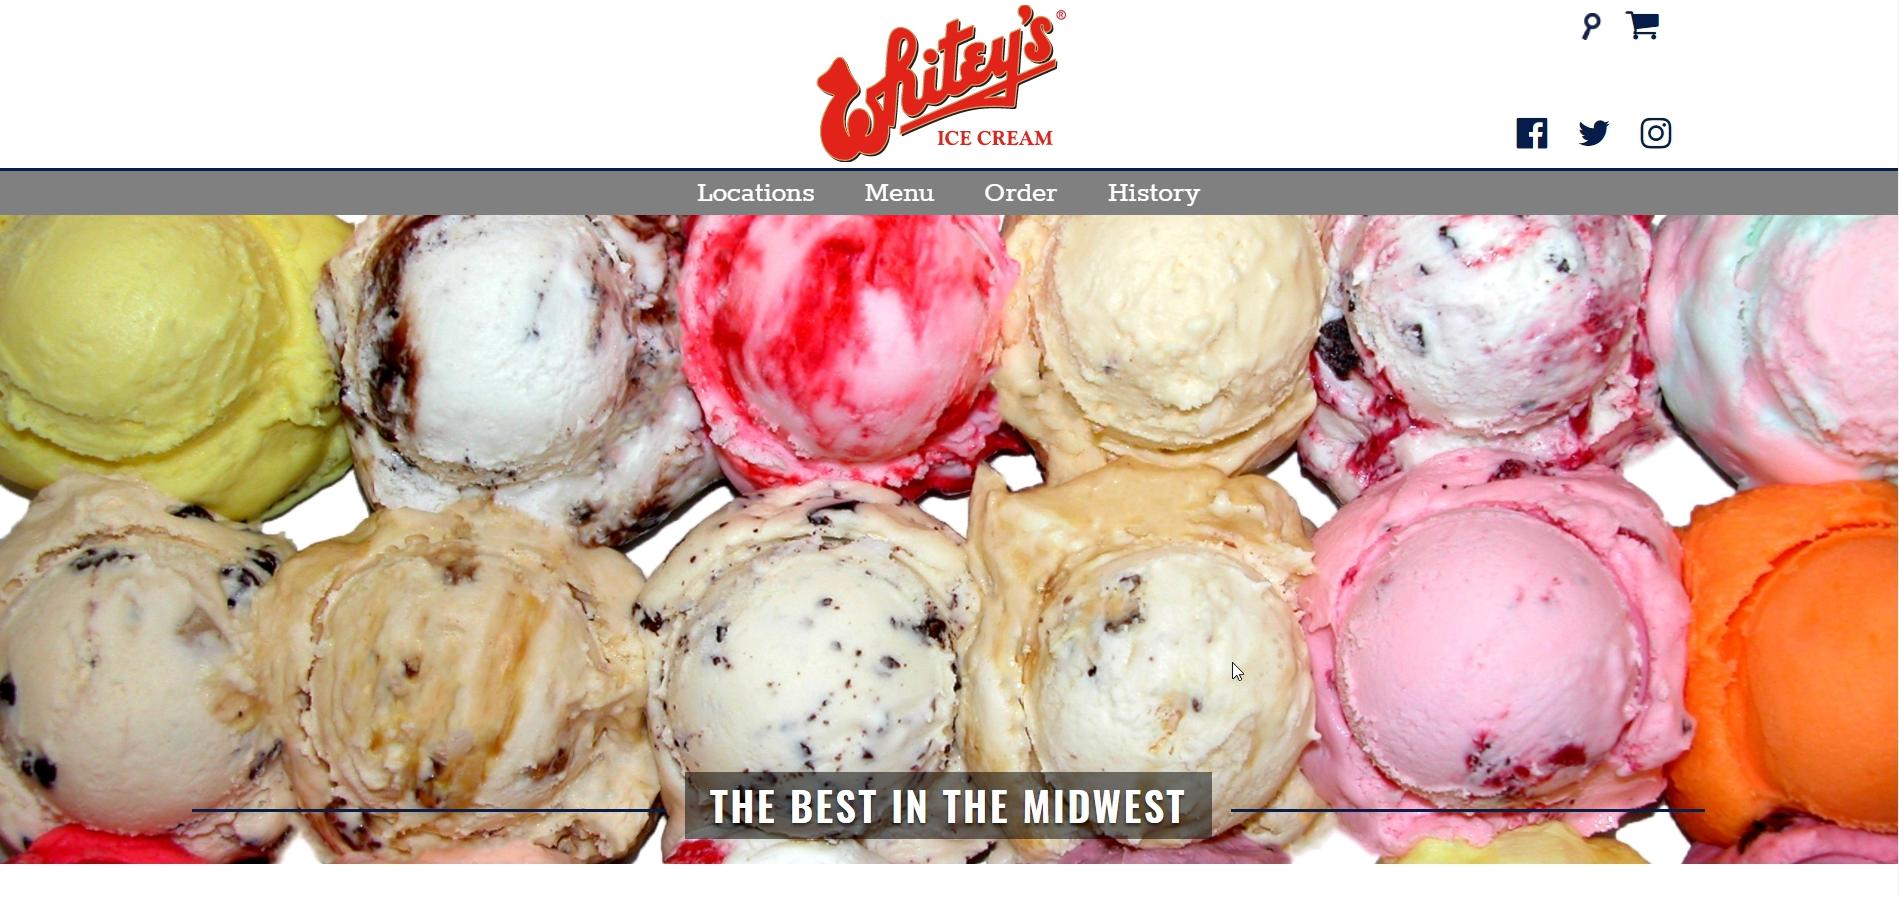 whiteys ice cream 2017 website